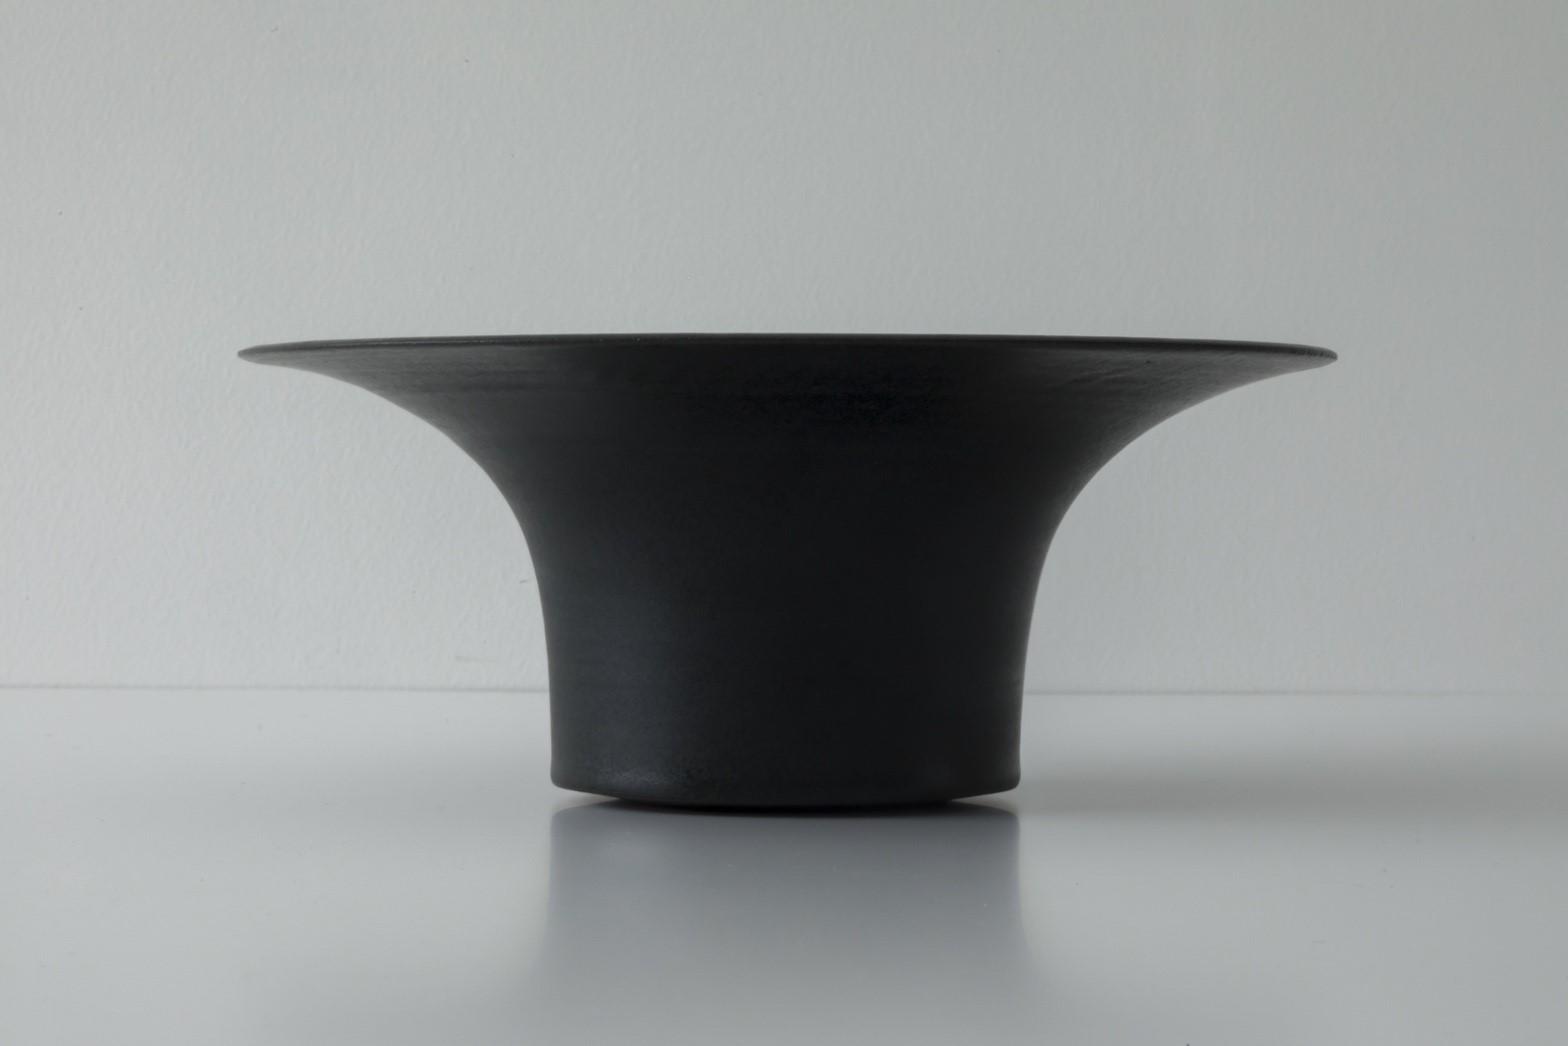 企画展《TO SEE Archive:08》<br>森からはじまる。/3RD CERAMICS & 市川岳人 exhibition